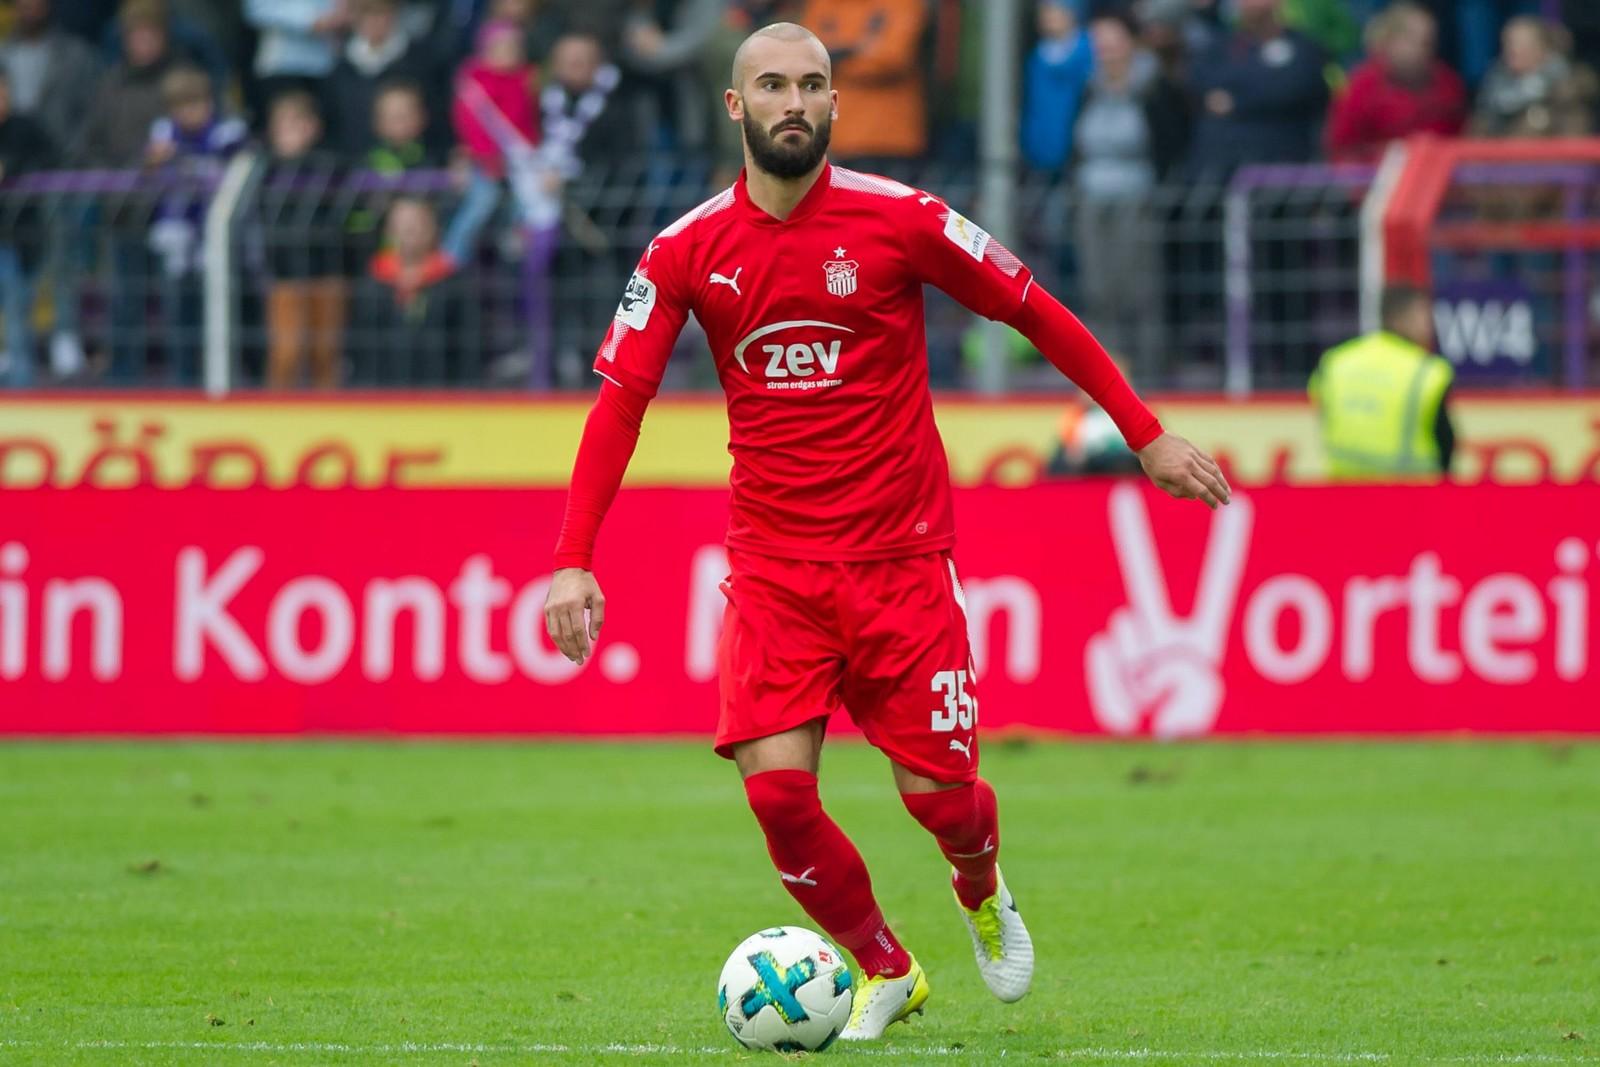 Prüft Erstliga-Angebote aus dem Ausland: FSV-Verteidiger Nico Antonitsch